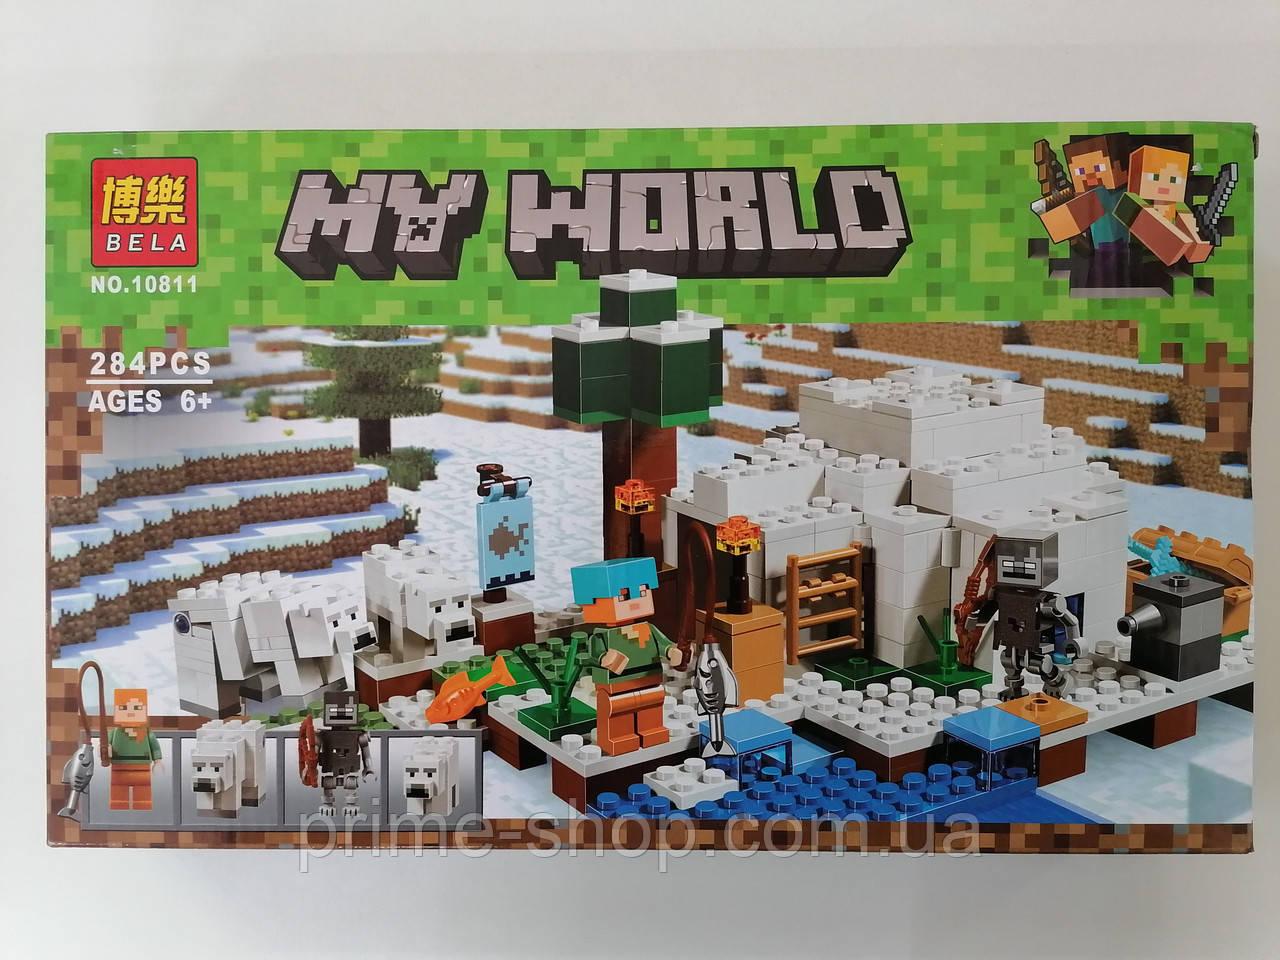 Конструктор Minecraft 10811 Полярное иглу 284 детали, в коробке